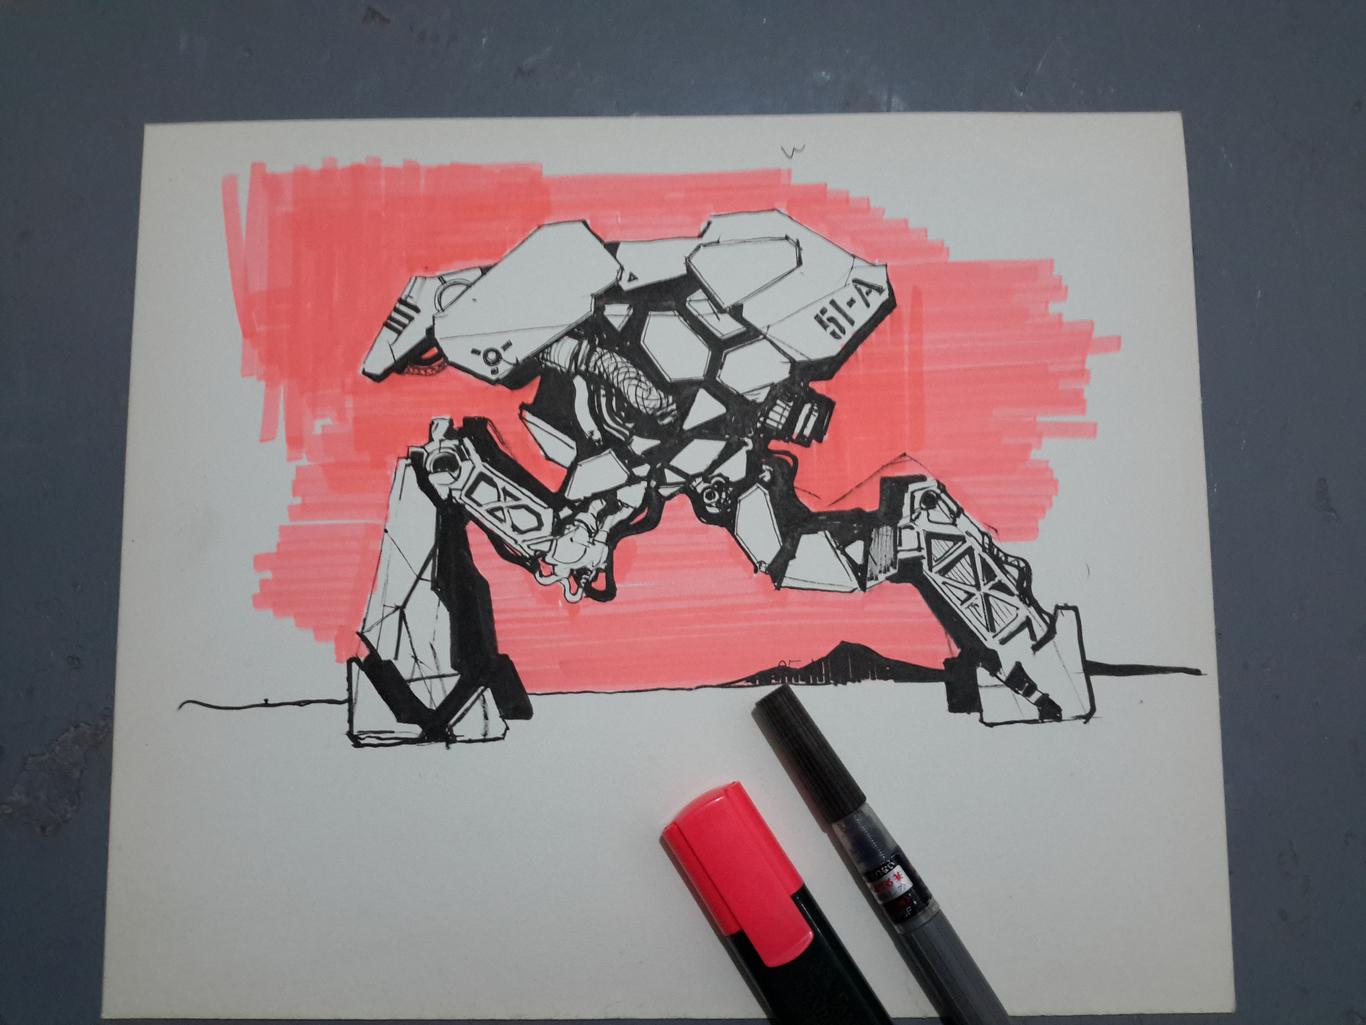 Karelinnikolay robot 1 669a8662 vlu2